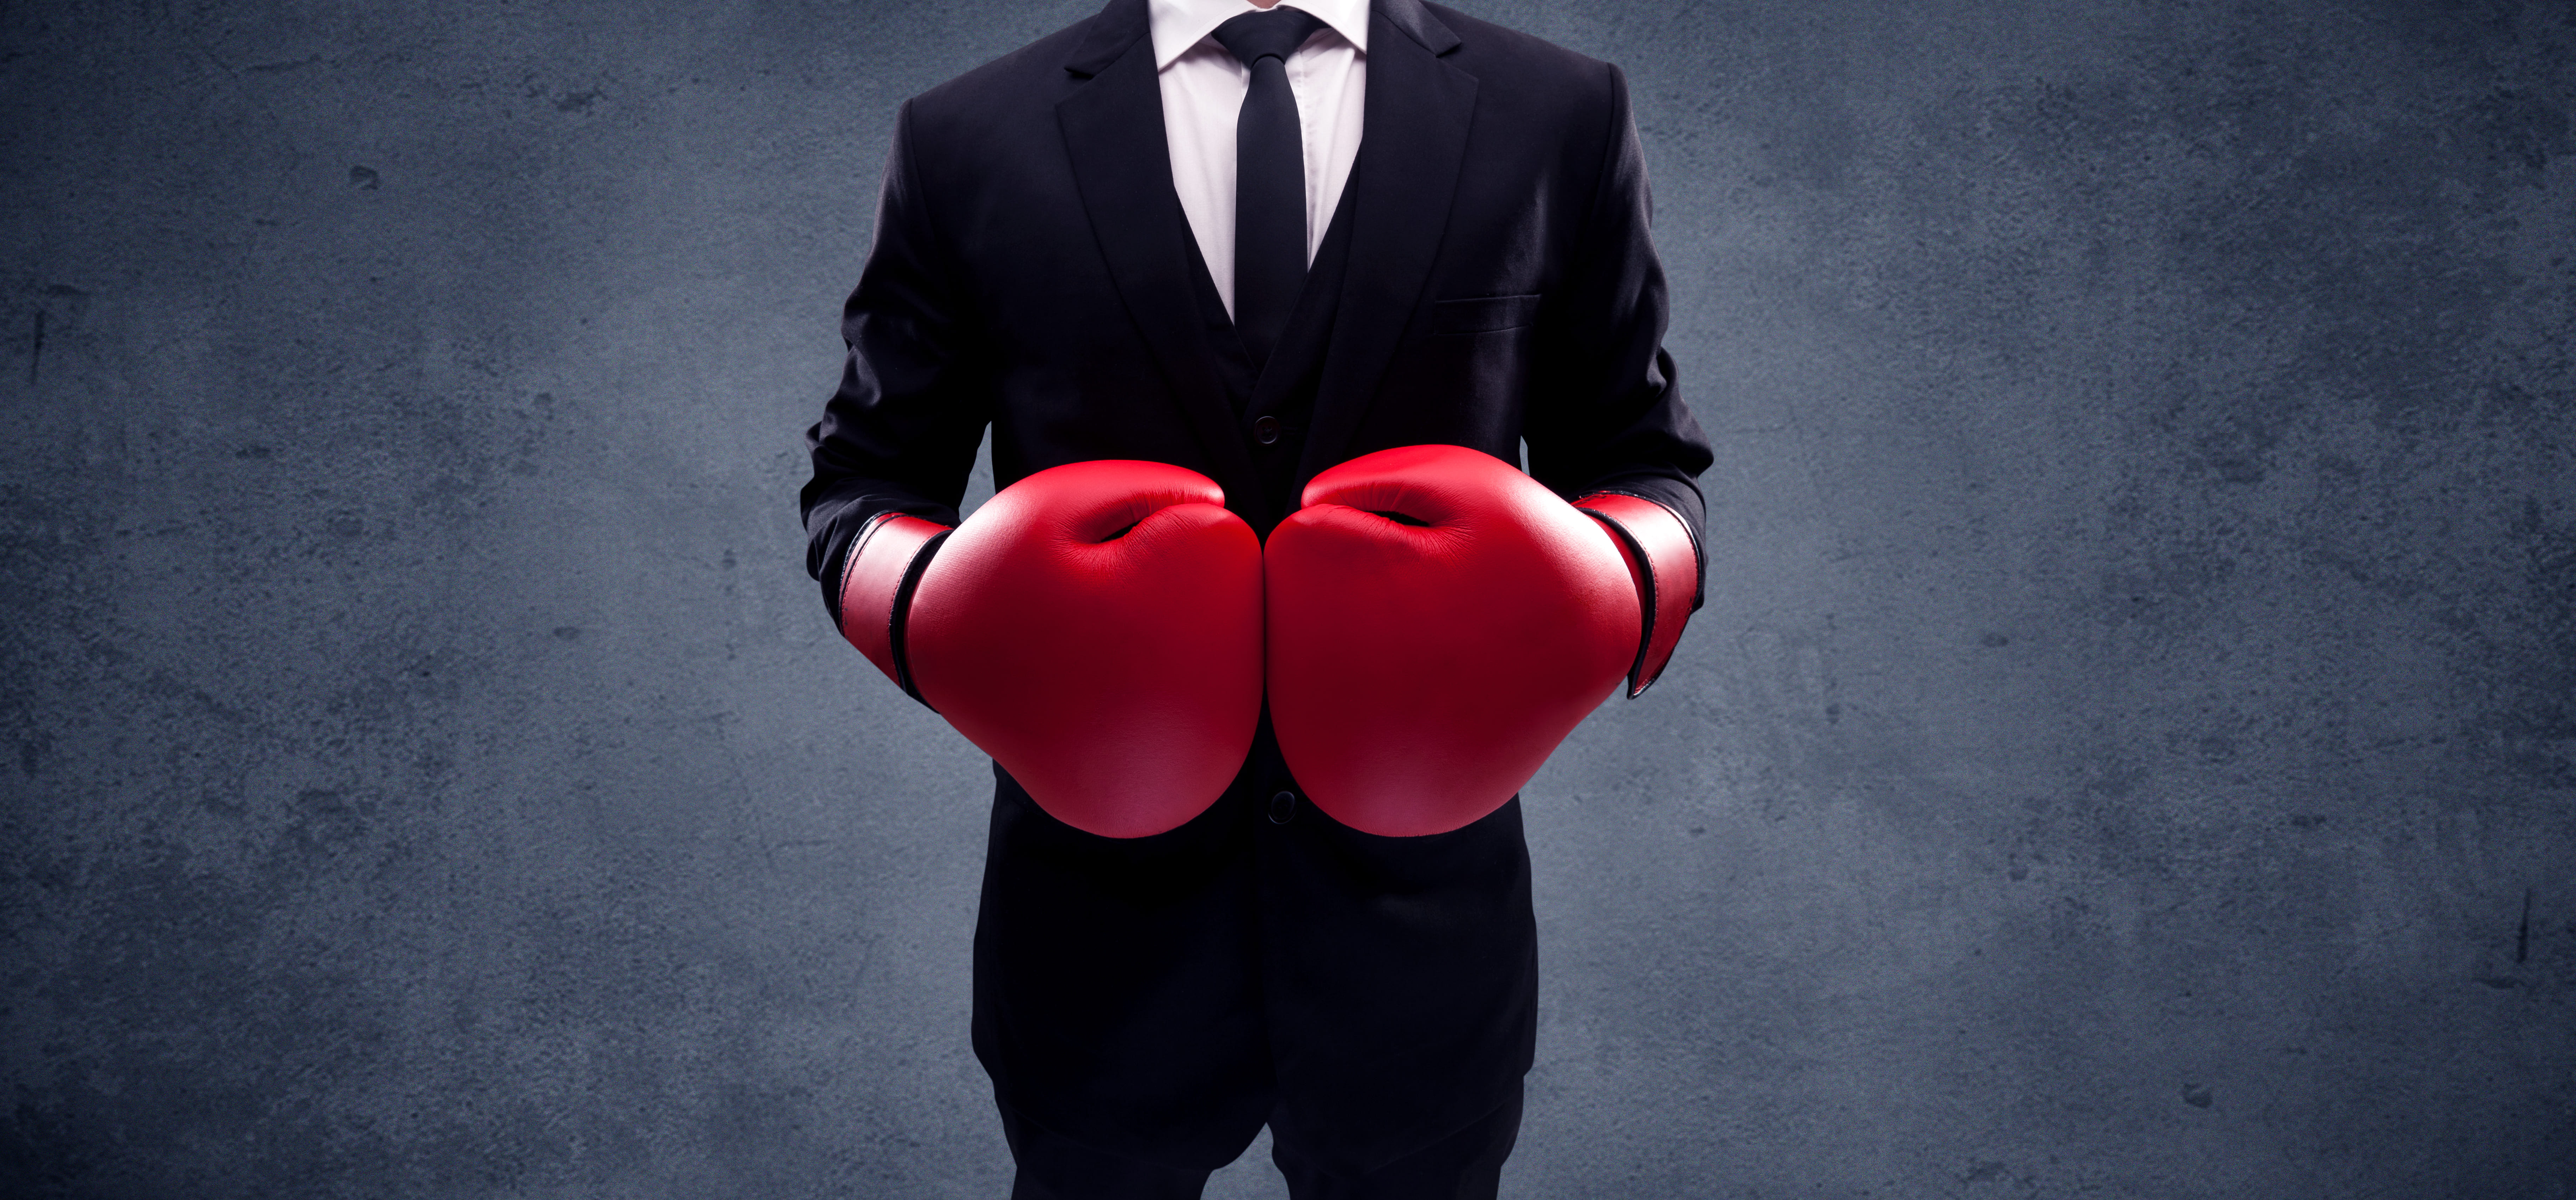 foto de um empreendedor pronto para fazer a análise de concorrência no mercado contábil